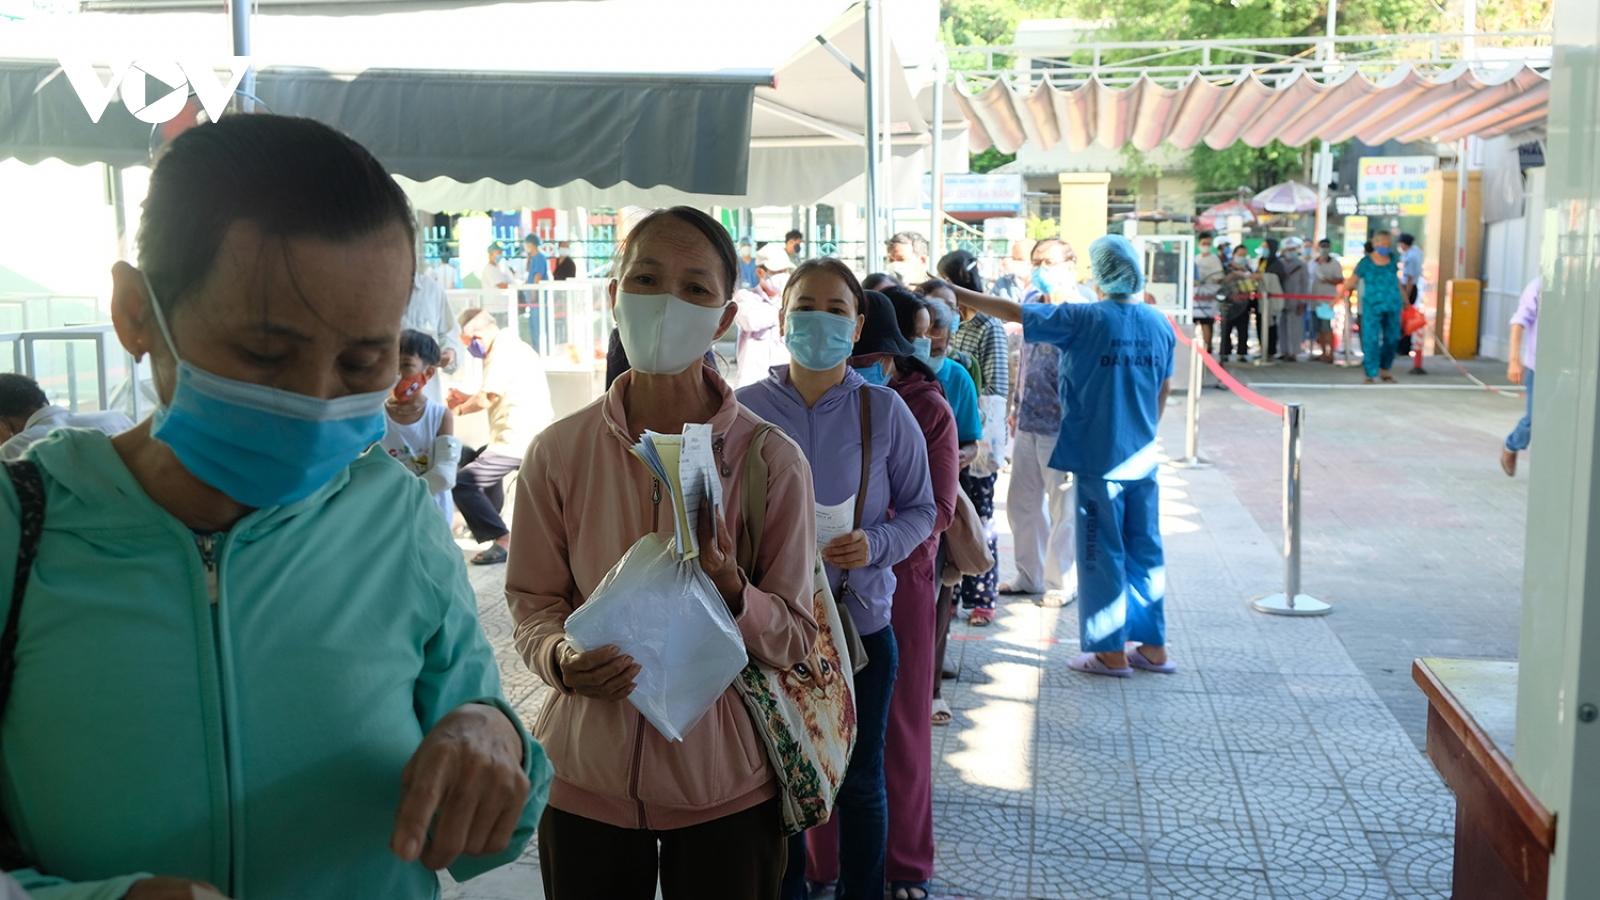 Rất đông người dân đến khám bệnh trong ngày Bệnh viện Đà Nẵng hoạt động trở lại